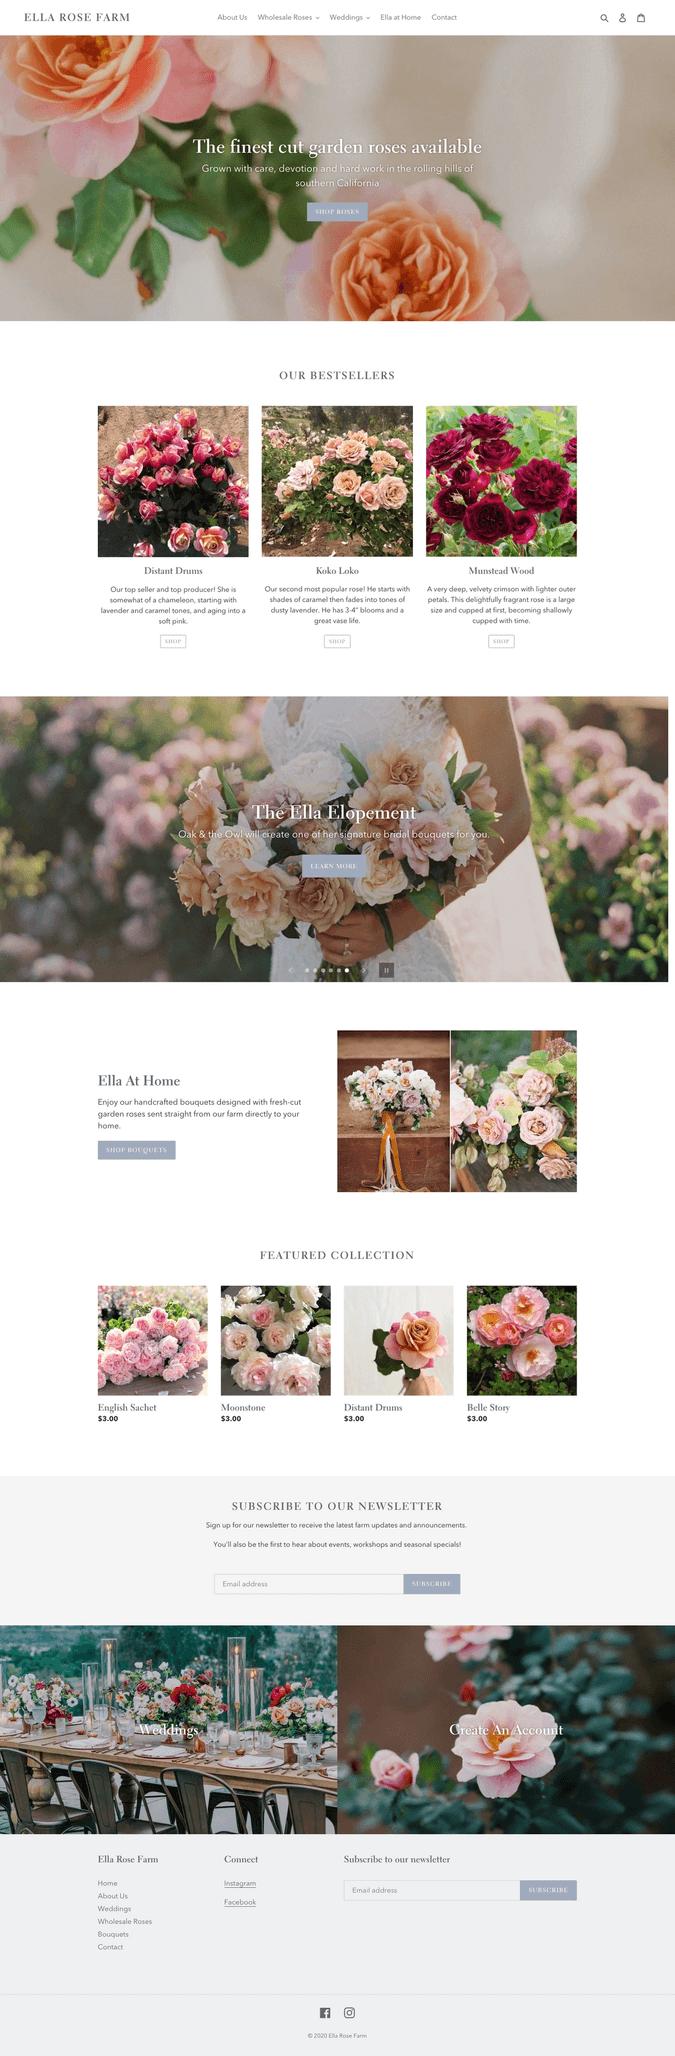 ella rose farm homepage